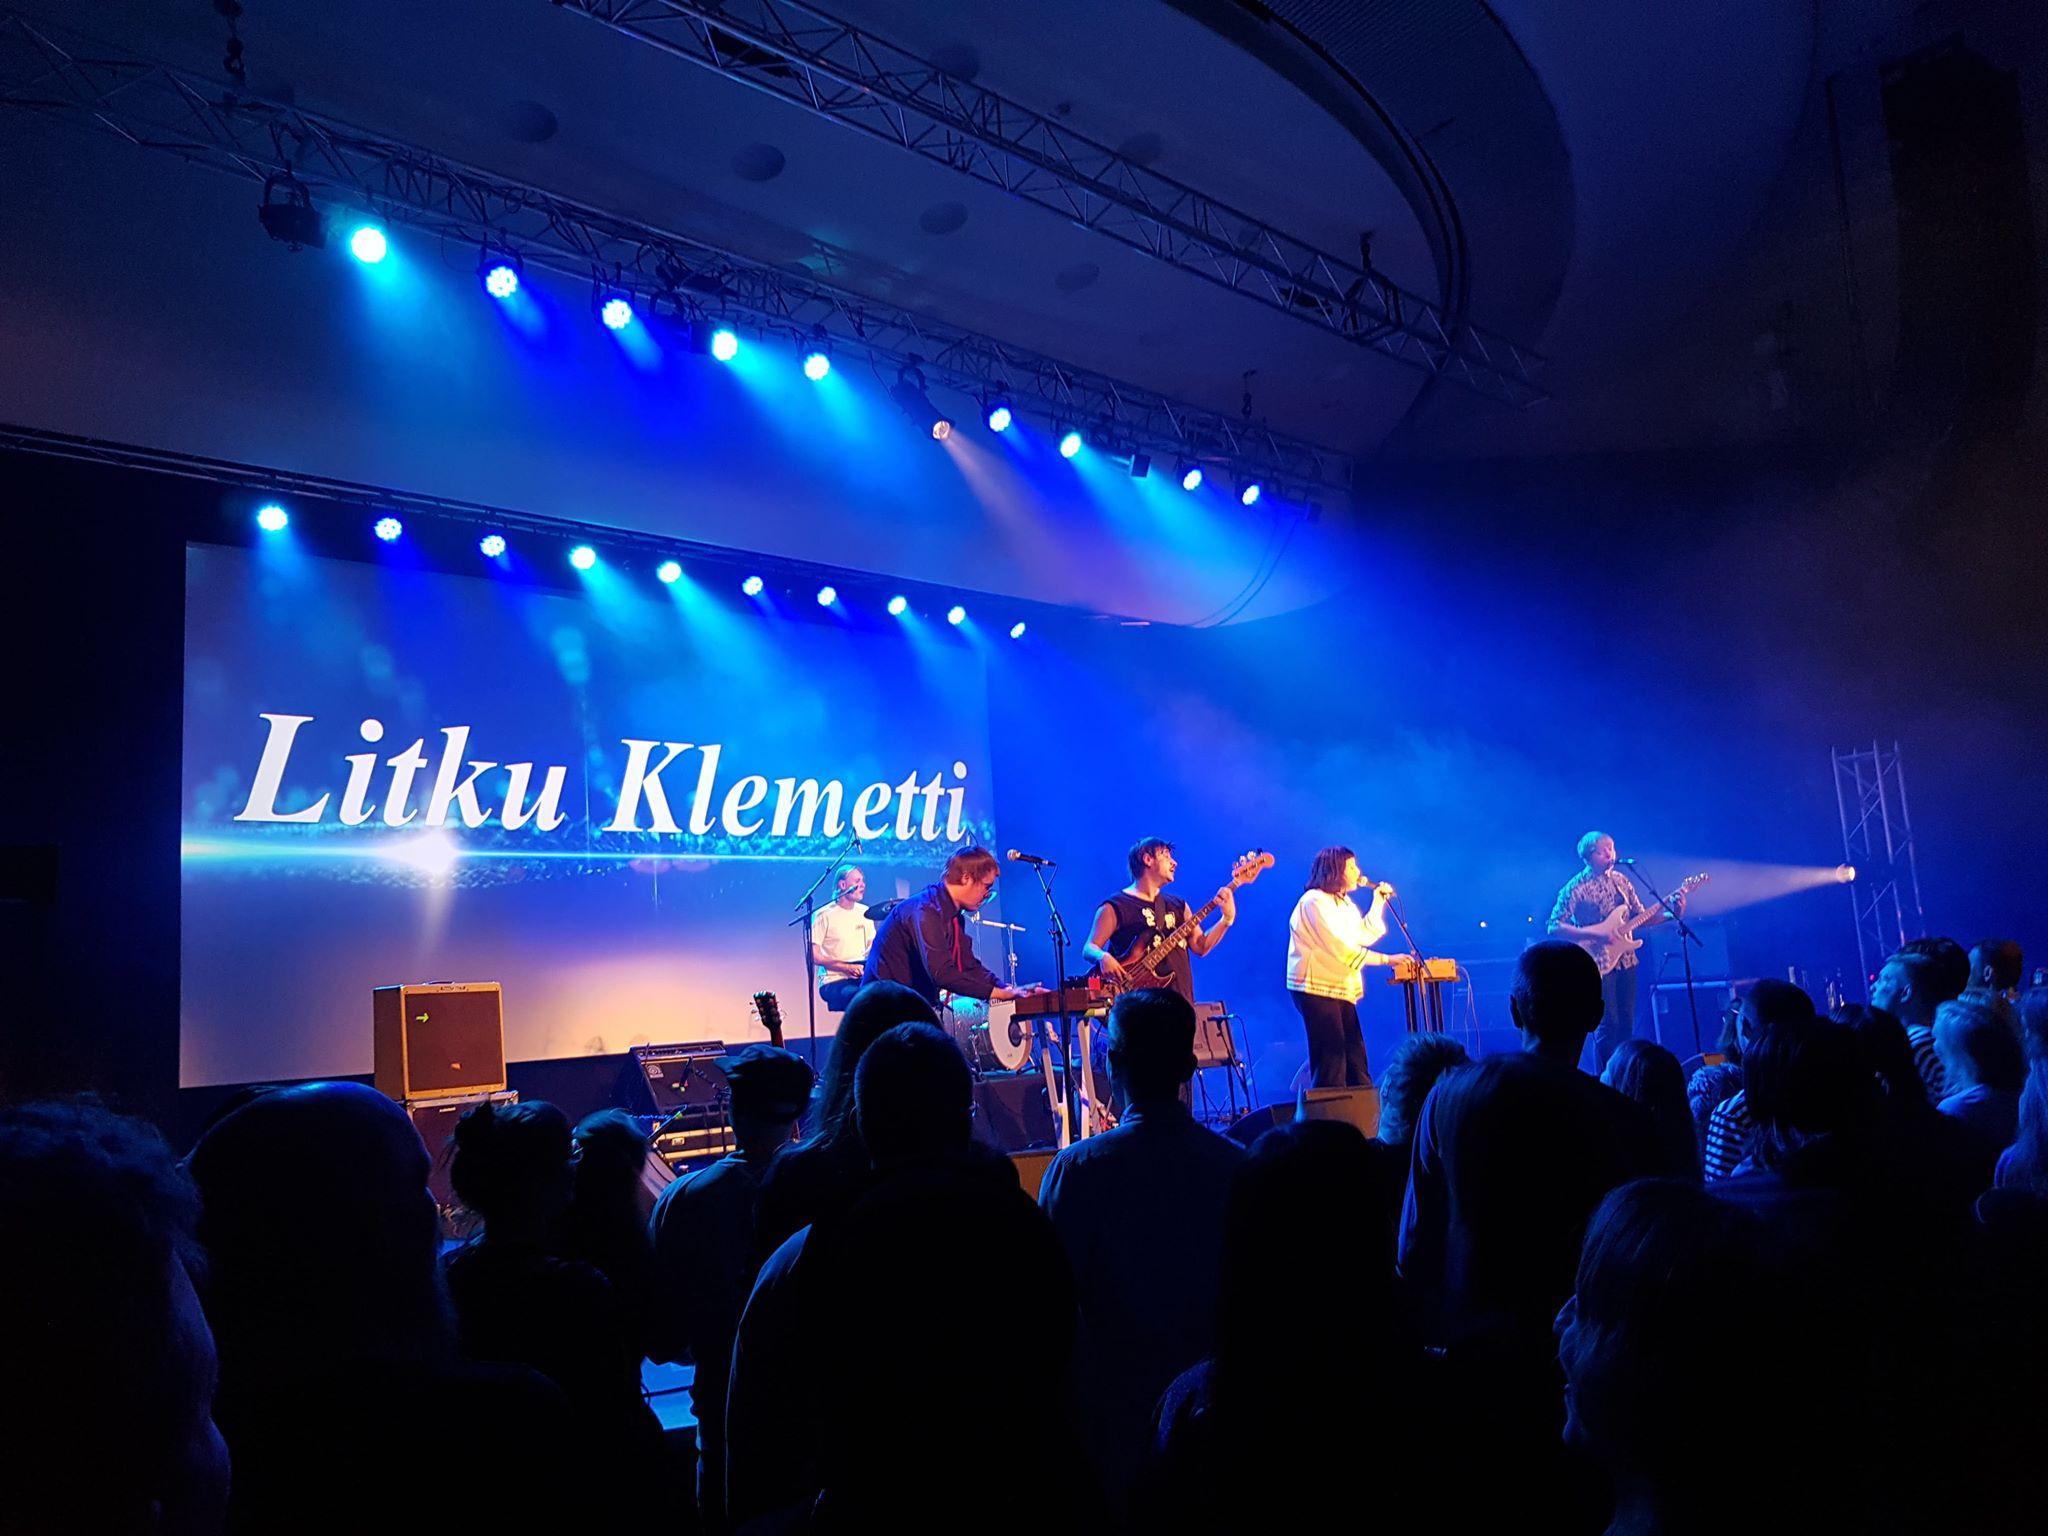 Litku Klemetin levyjulkkareita juhlitaan livestream-keikan muodossa vappuaattona